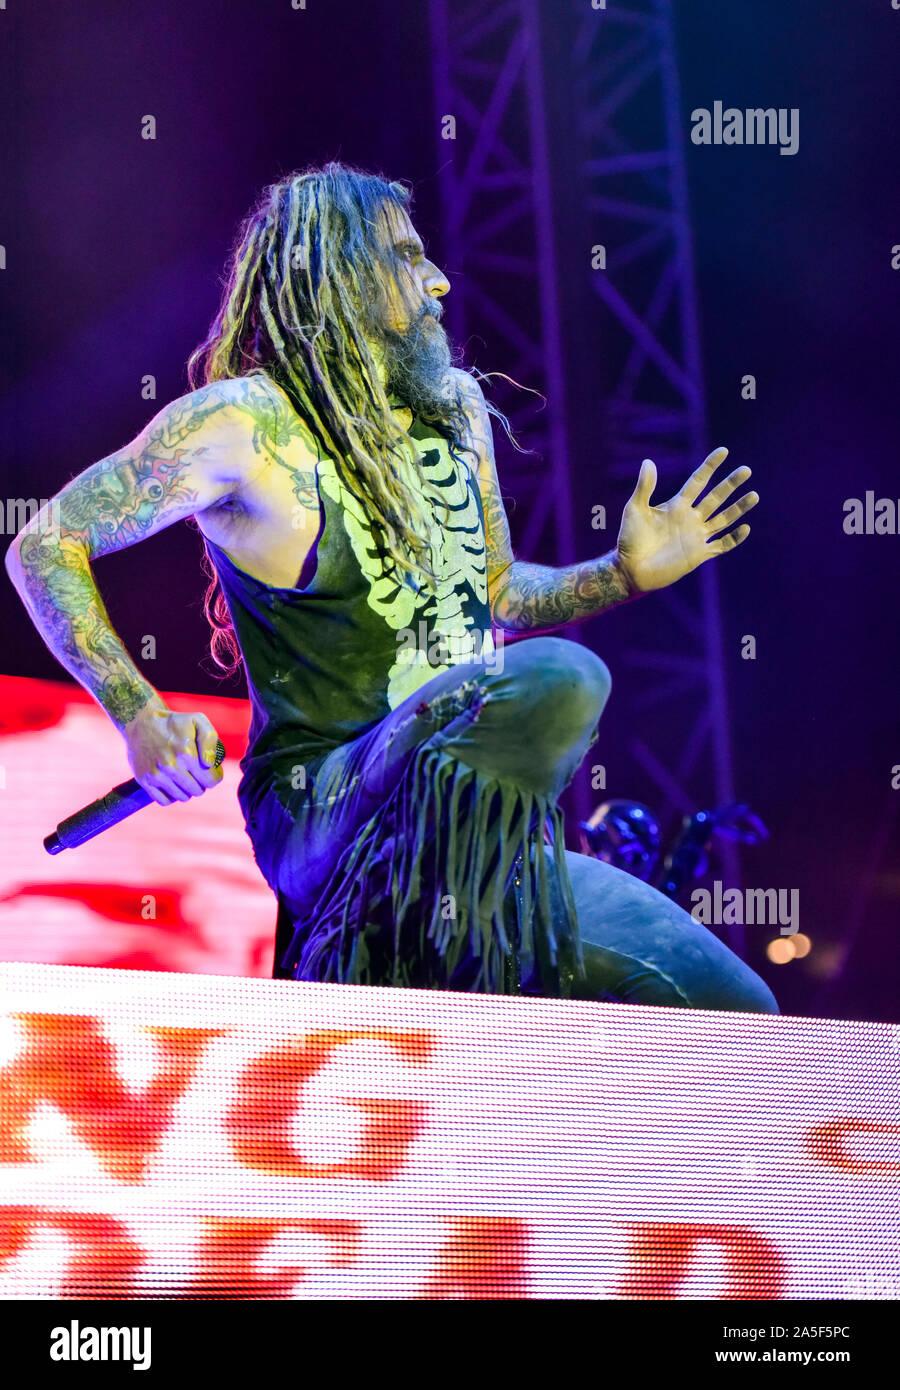 Las Vegas, Nevada, EE.UU. El 19 de octubre de 2019. Rob Zombie realiza en el escenario en la tercera reunión anual de la Liga Rageous música heavy metal festival celebrado en el Centro de Eventos del centro de Las Vegas. Crédito de la foto: Ken Howard Imágenes Crédito: Ken Howard/Alamy Live News Foto de stock